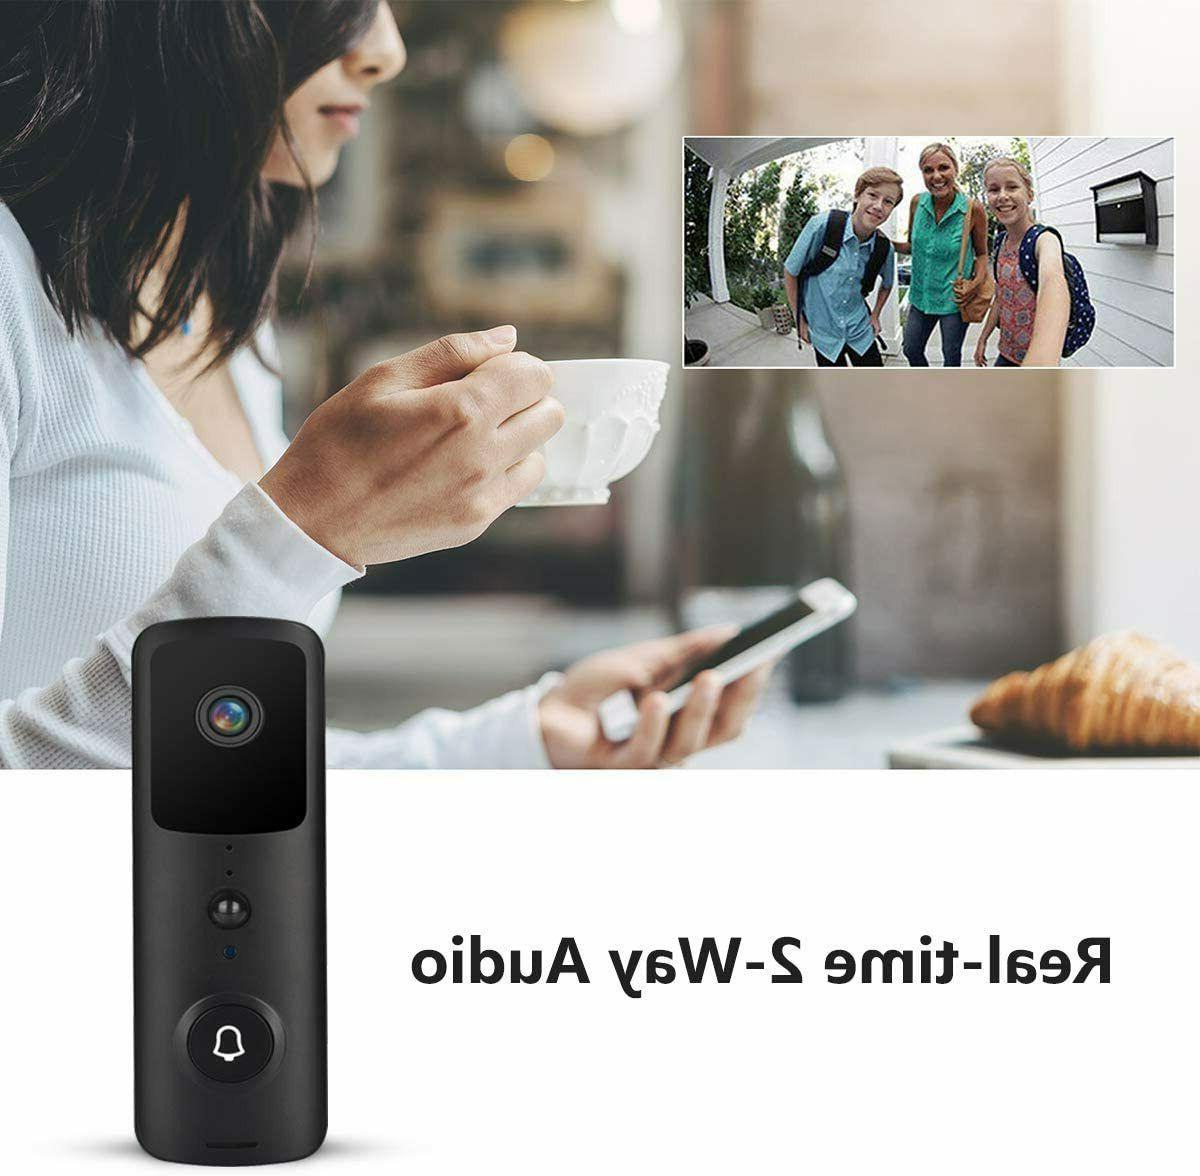 Wireless Video Doorbell Smart Security Bell